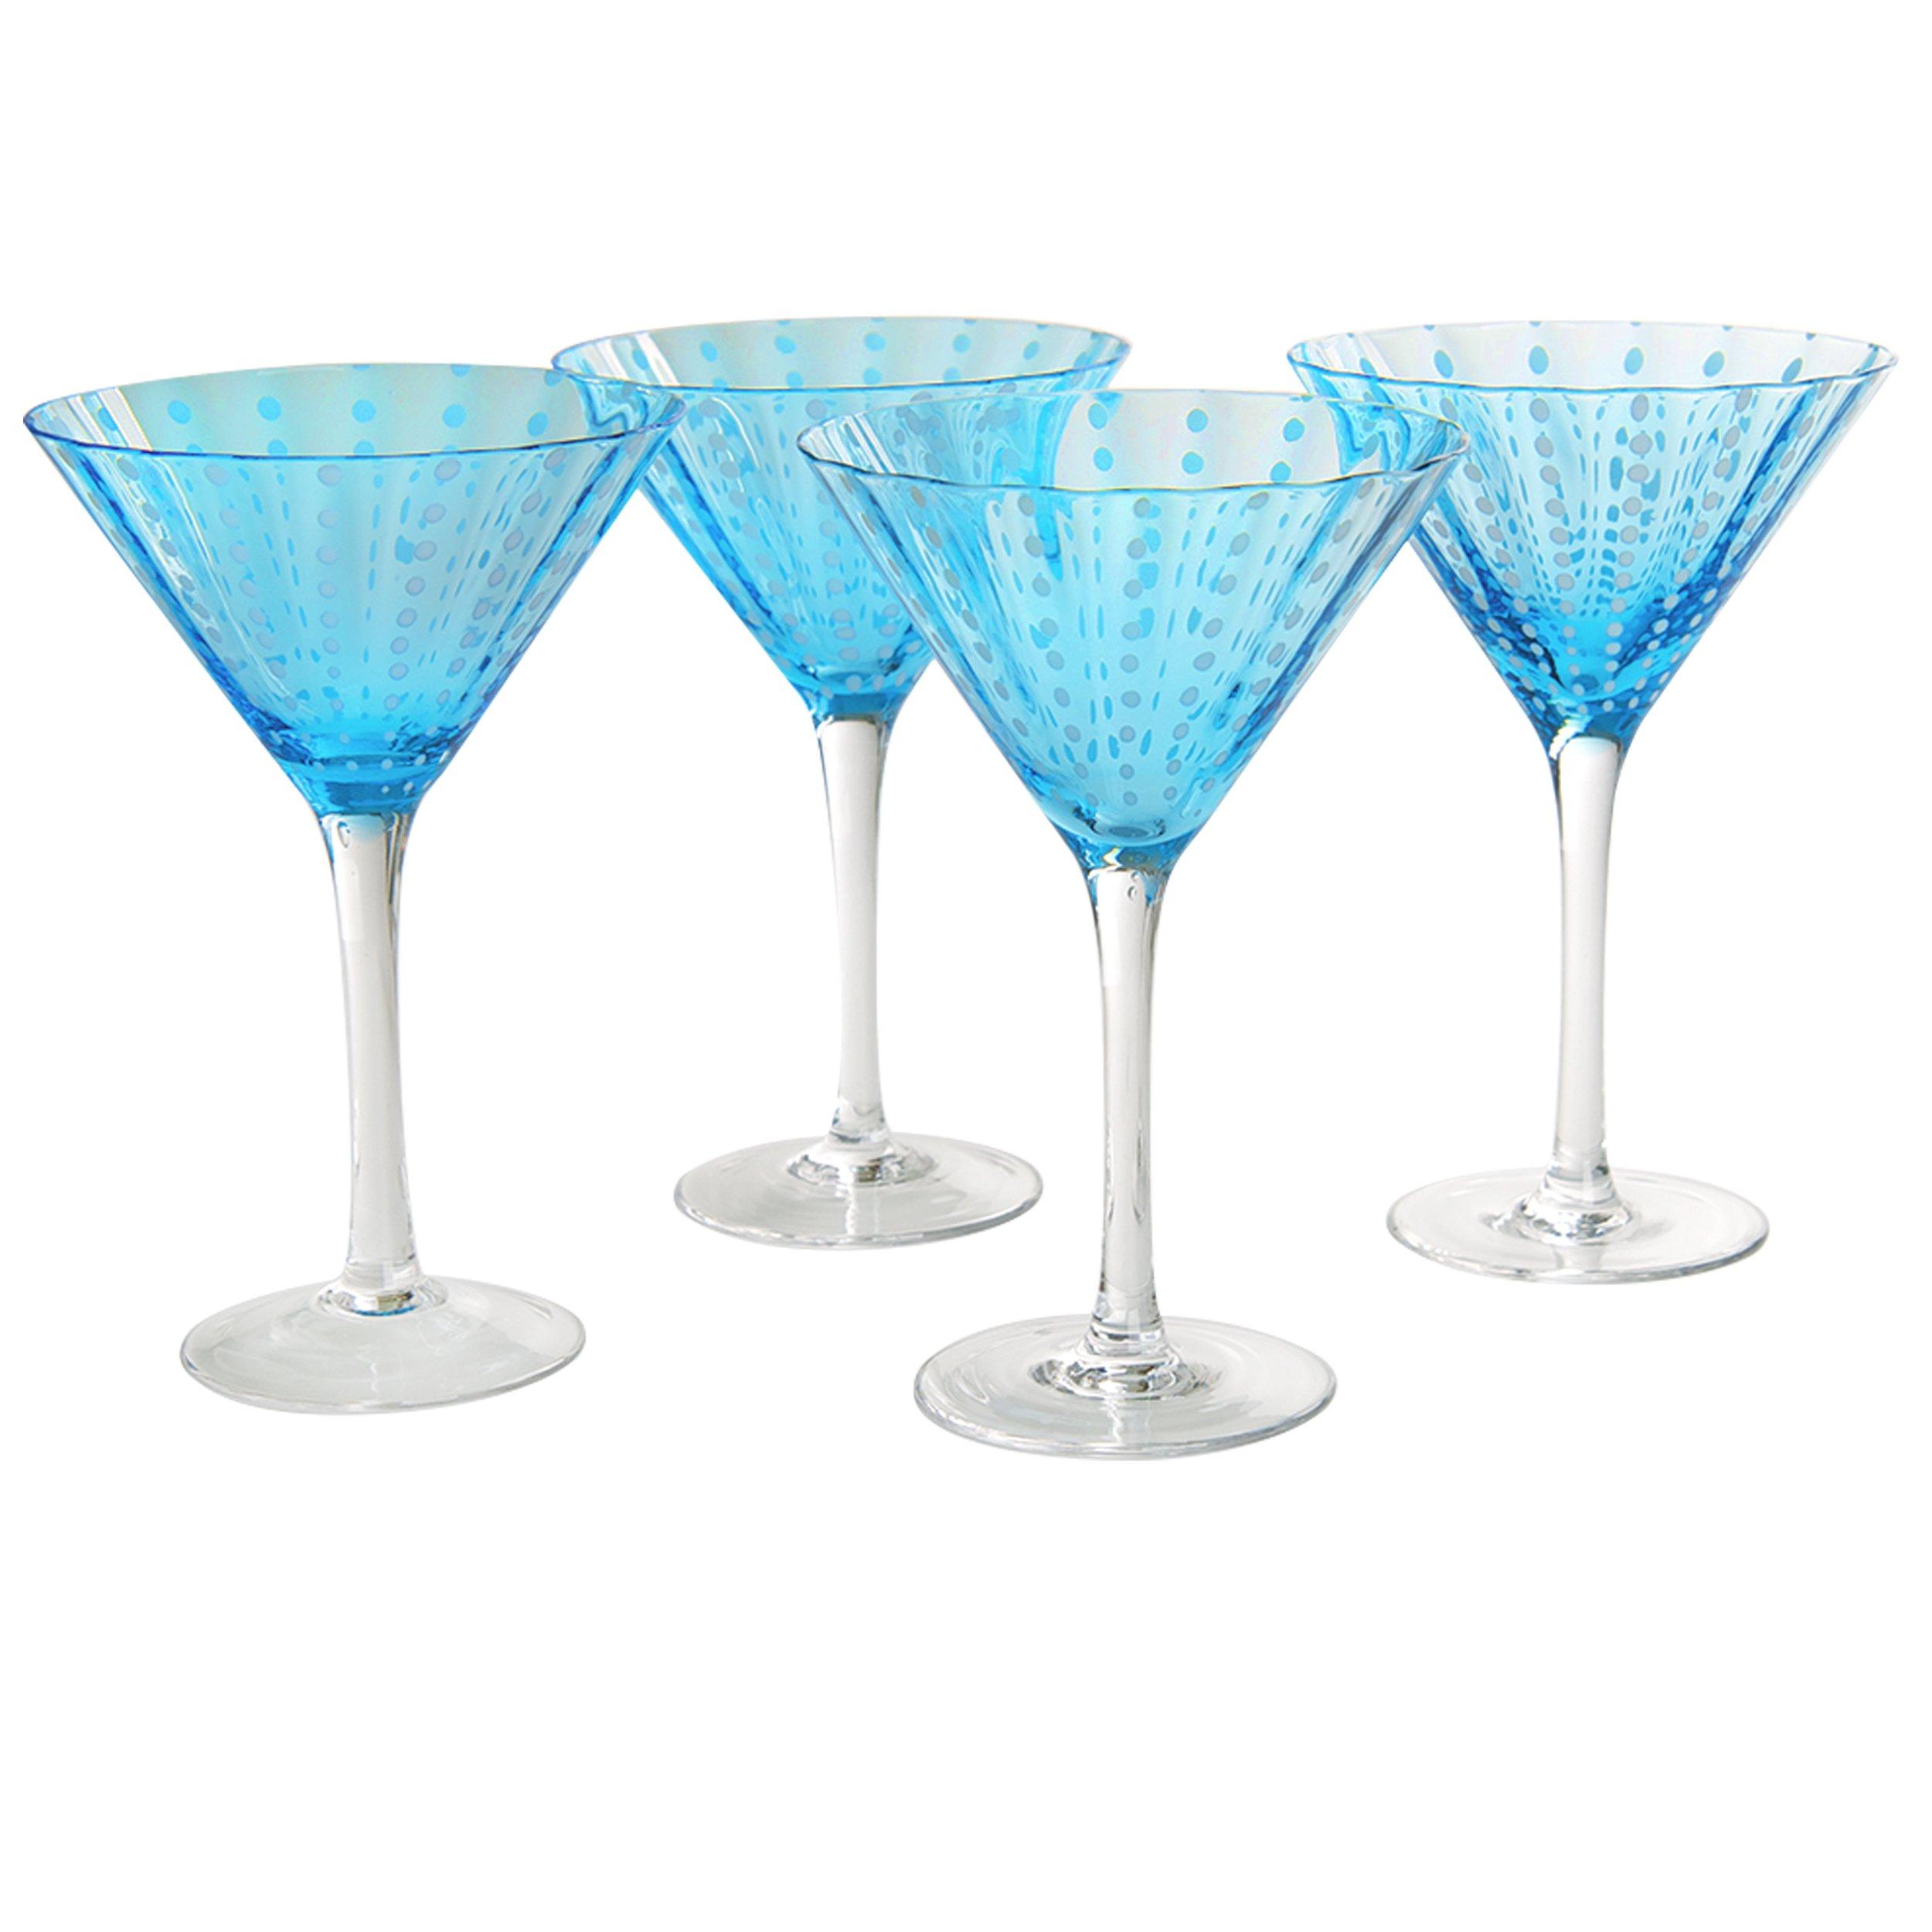 Artland Cambria Martini 8 oz (Set of 4), Turquoise